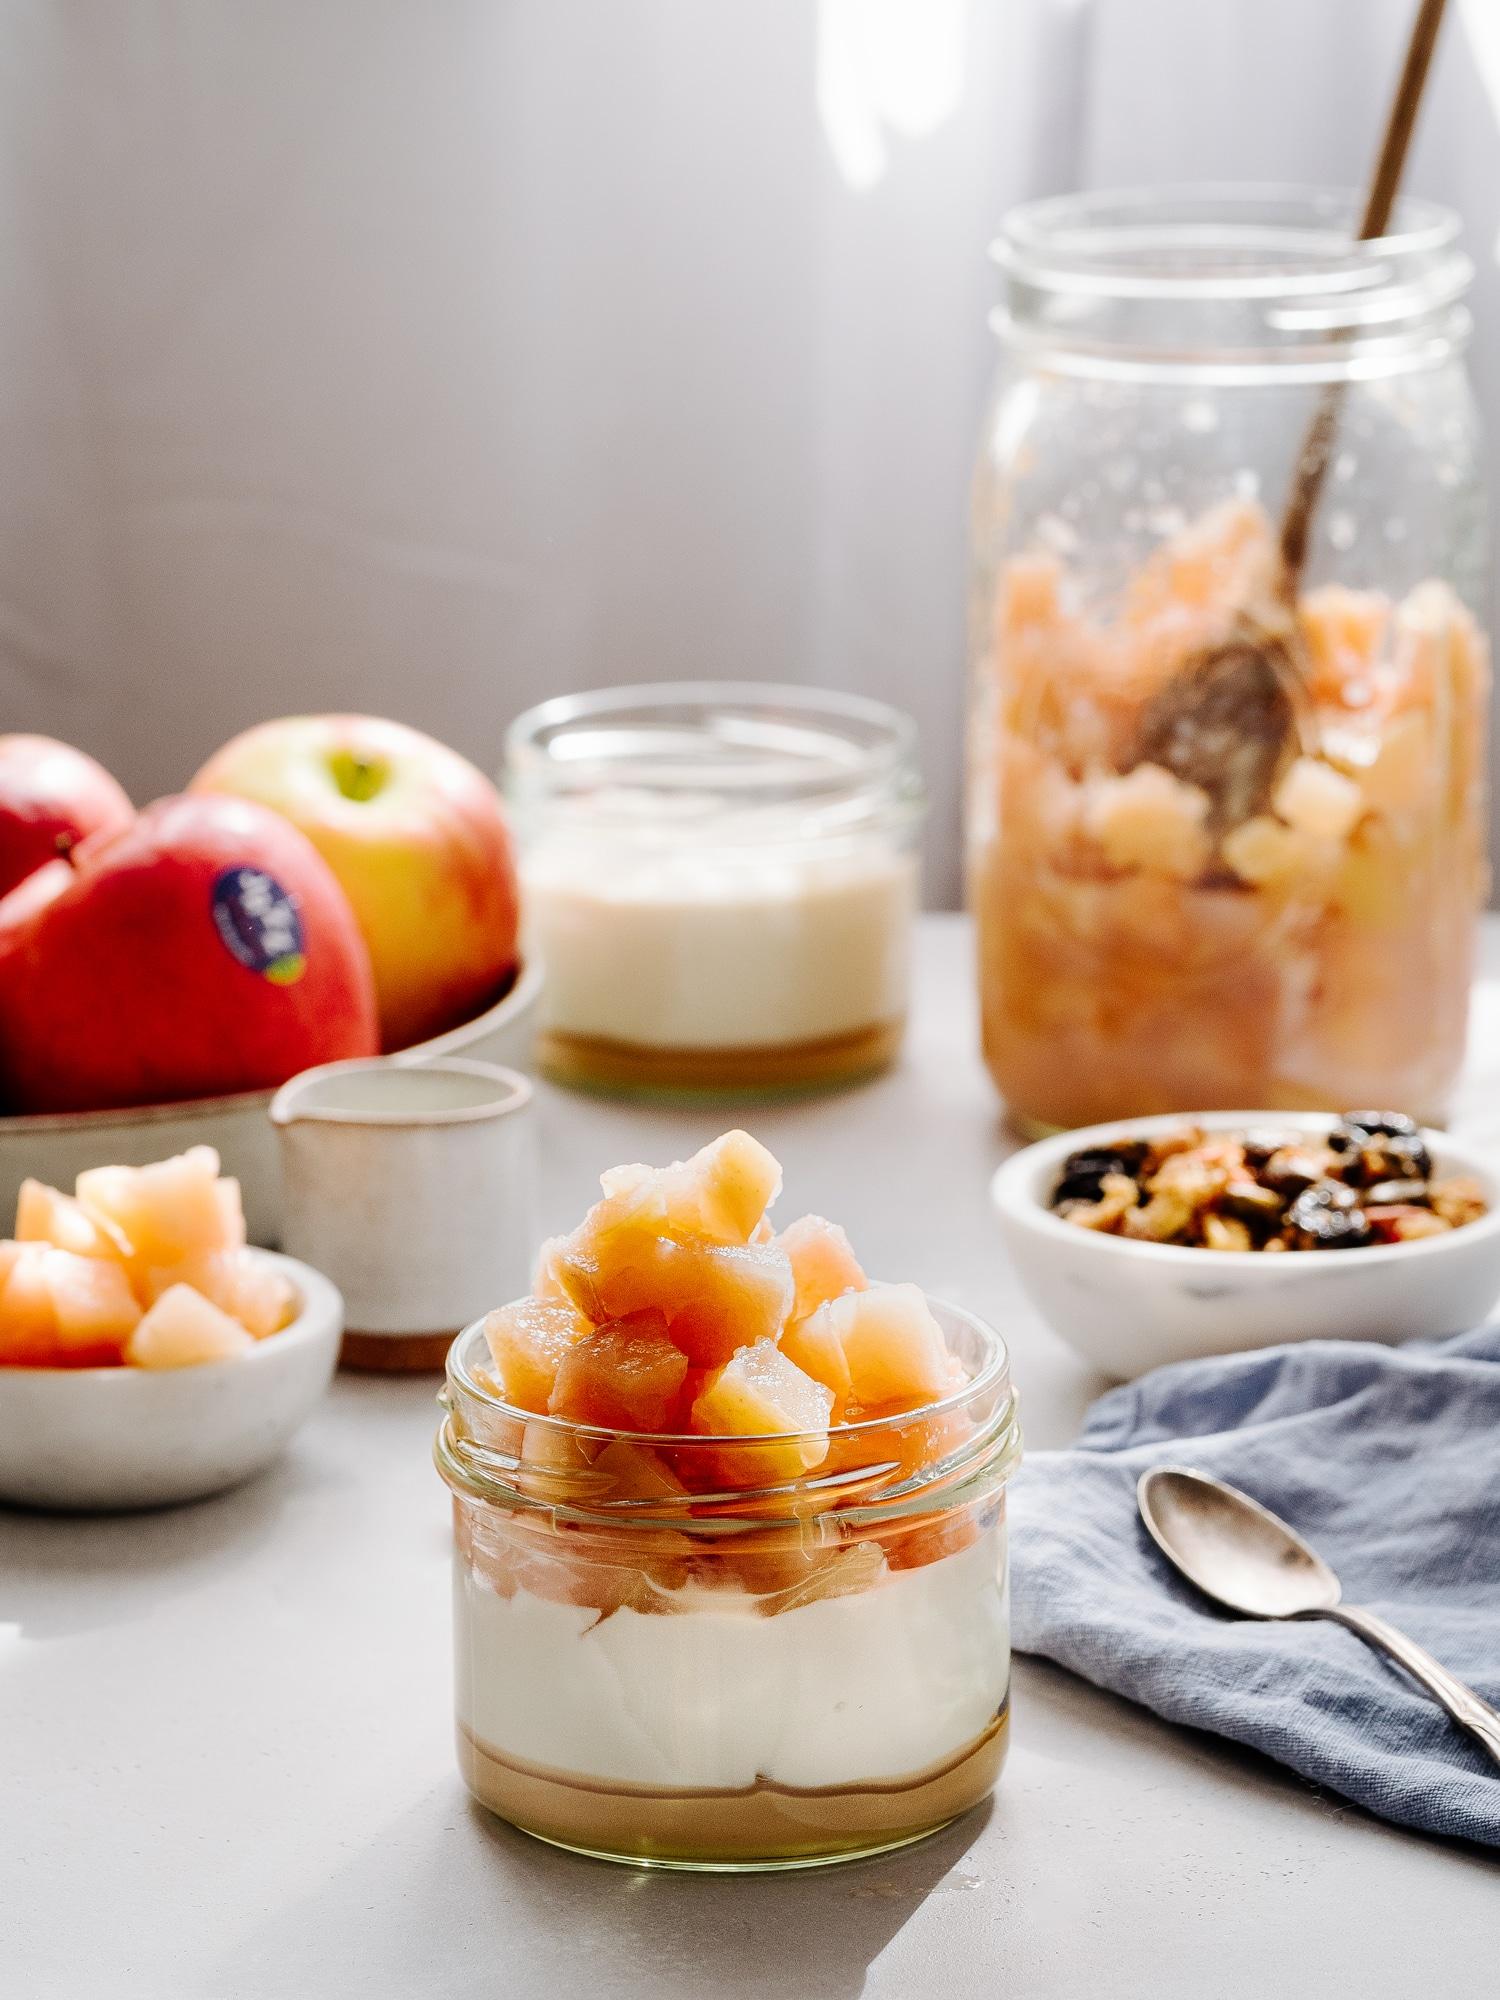 Apfelkompott im Glas mit Granola